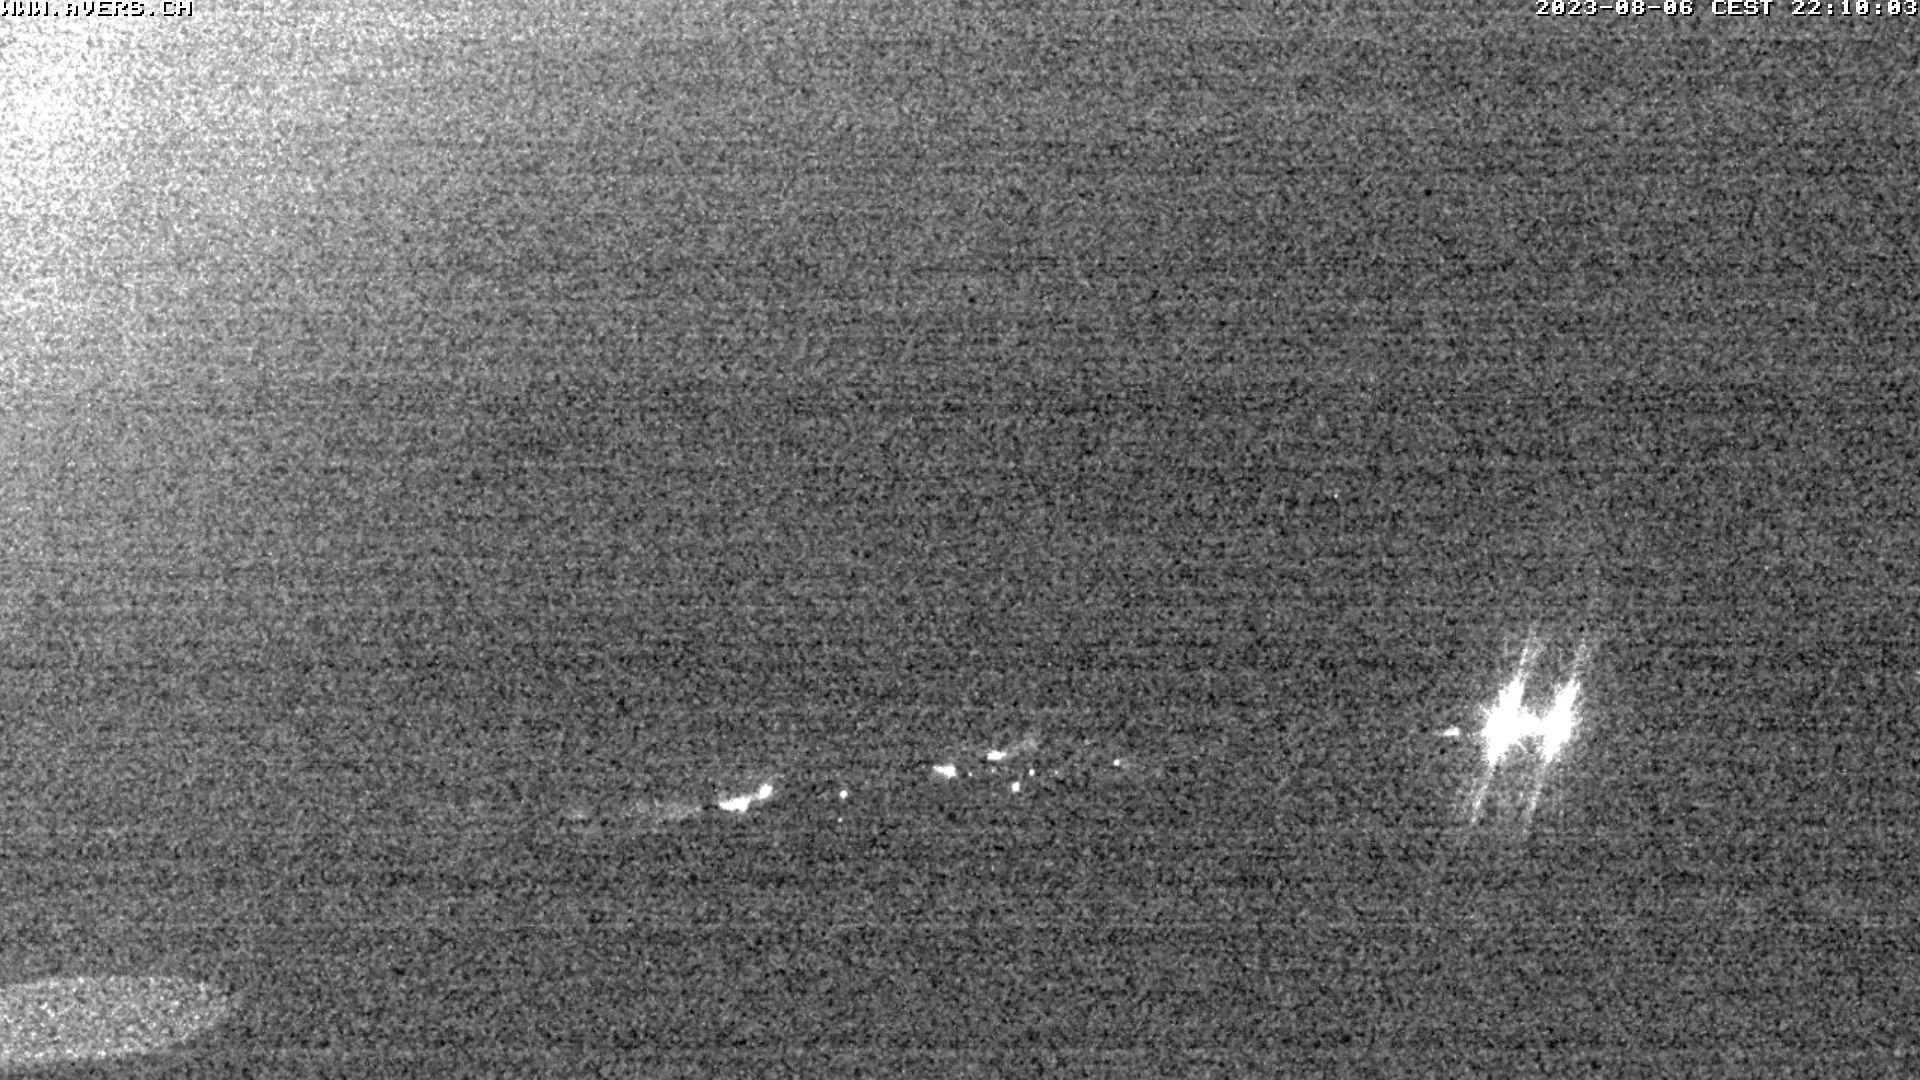 Grossansicht 22h - Avers Skilift Cavetta mit Sicht in die Bregalga.